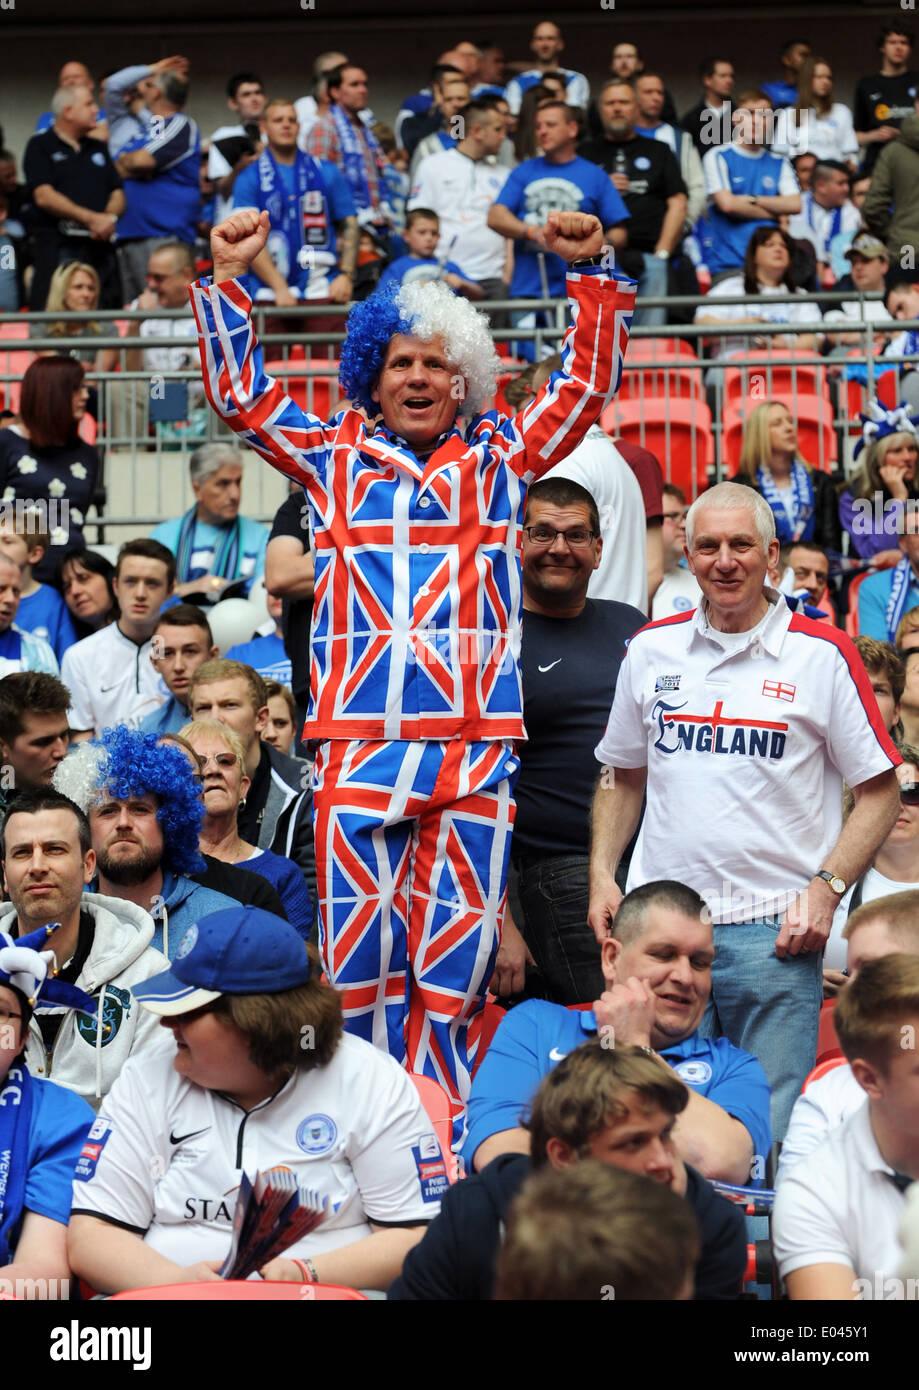 Peterborough United défenseur football portant costume patriotique union jack Photo Stock